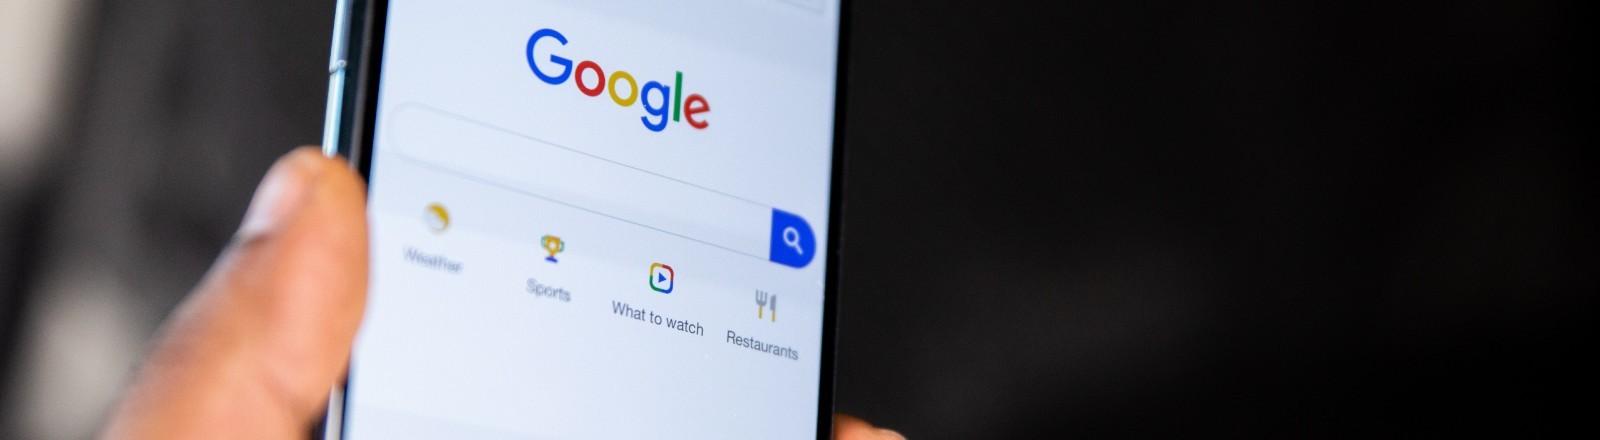 Die Suchmaschine von Google ist auf einem Smartphone geöffnet.